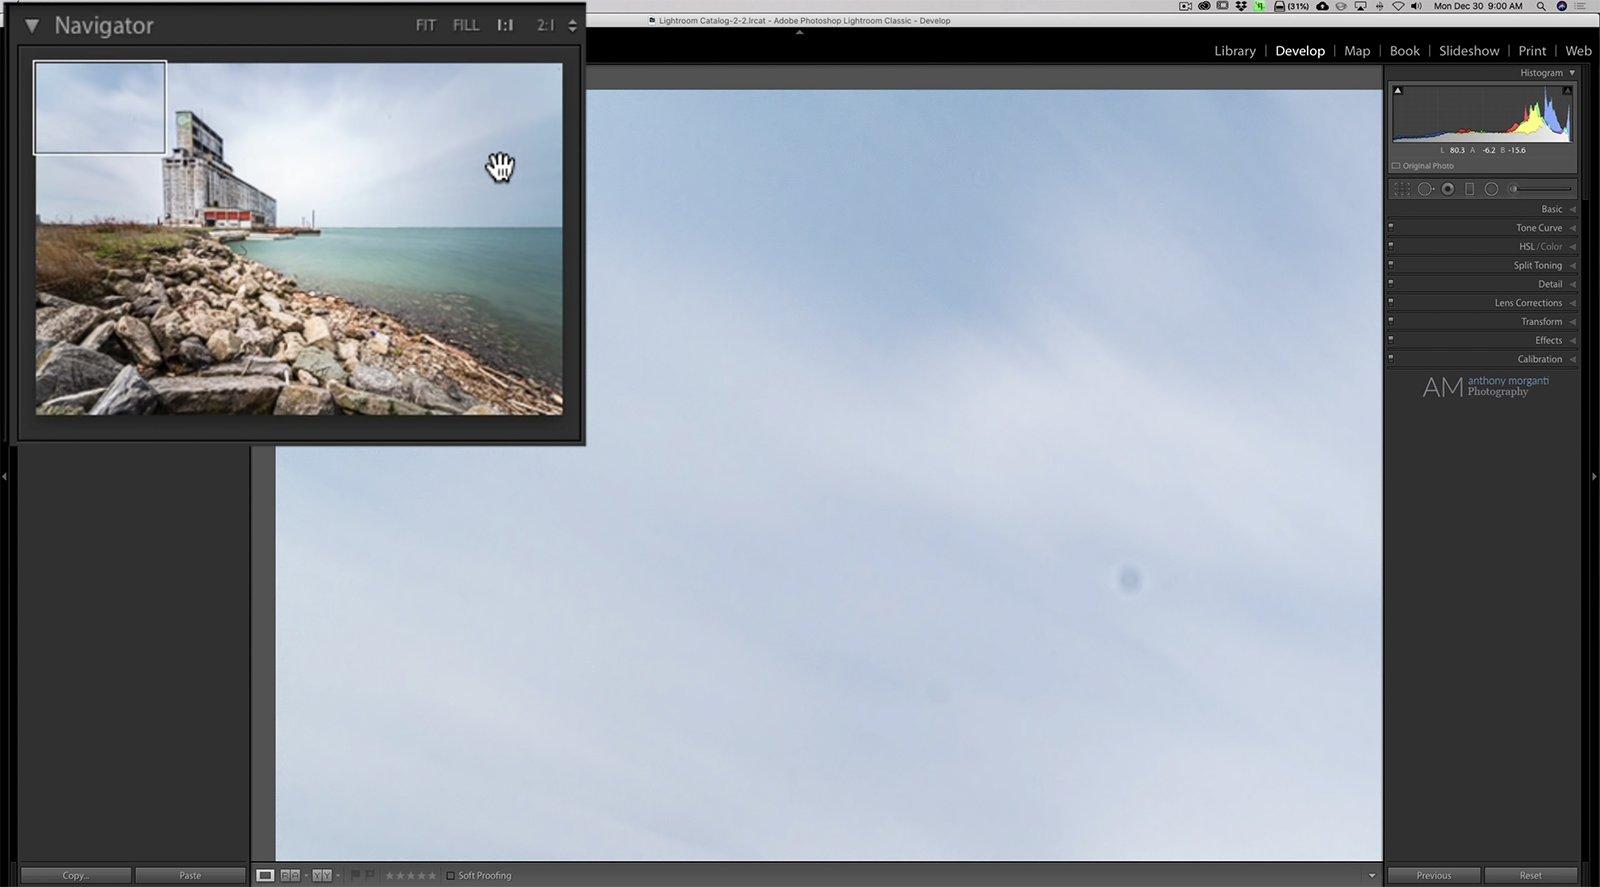 Un sencillo truco de Lightroom le ayuda a encontrar puntos de sensores (o cualquier otra cosa) en sus fotos